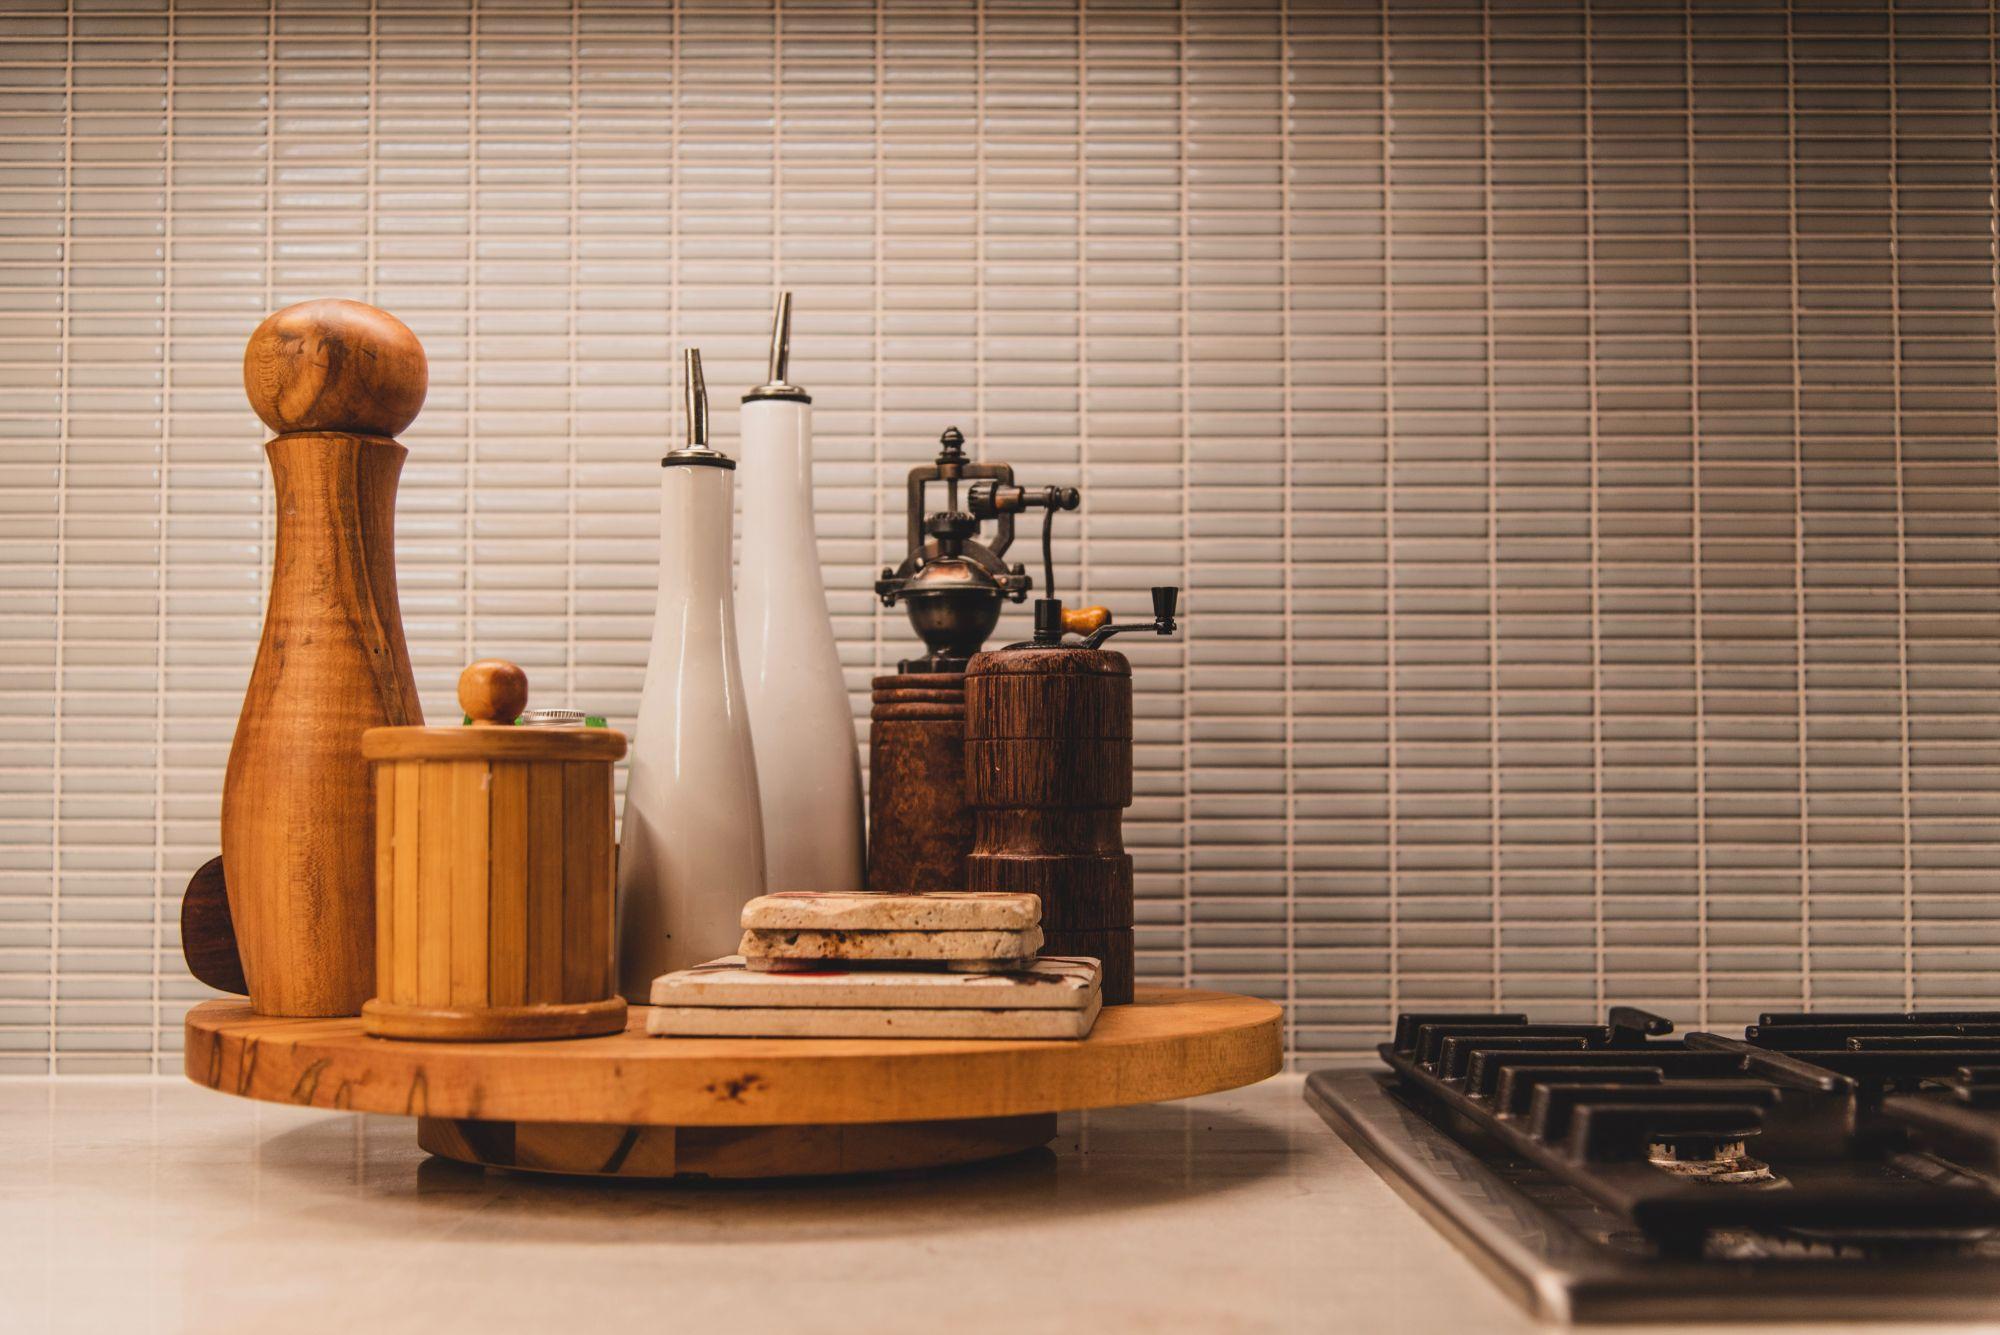 Piano cottura a gas in cucina: griglie all'avanguardia